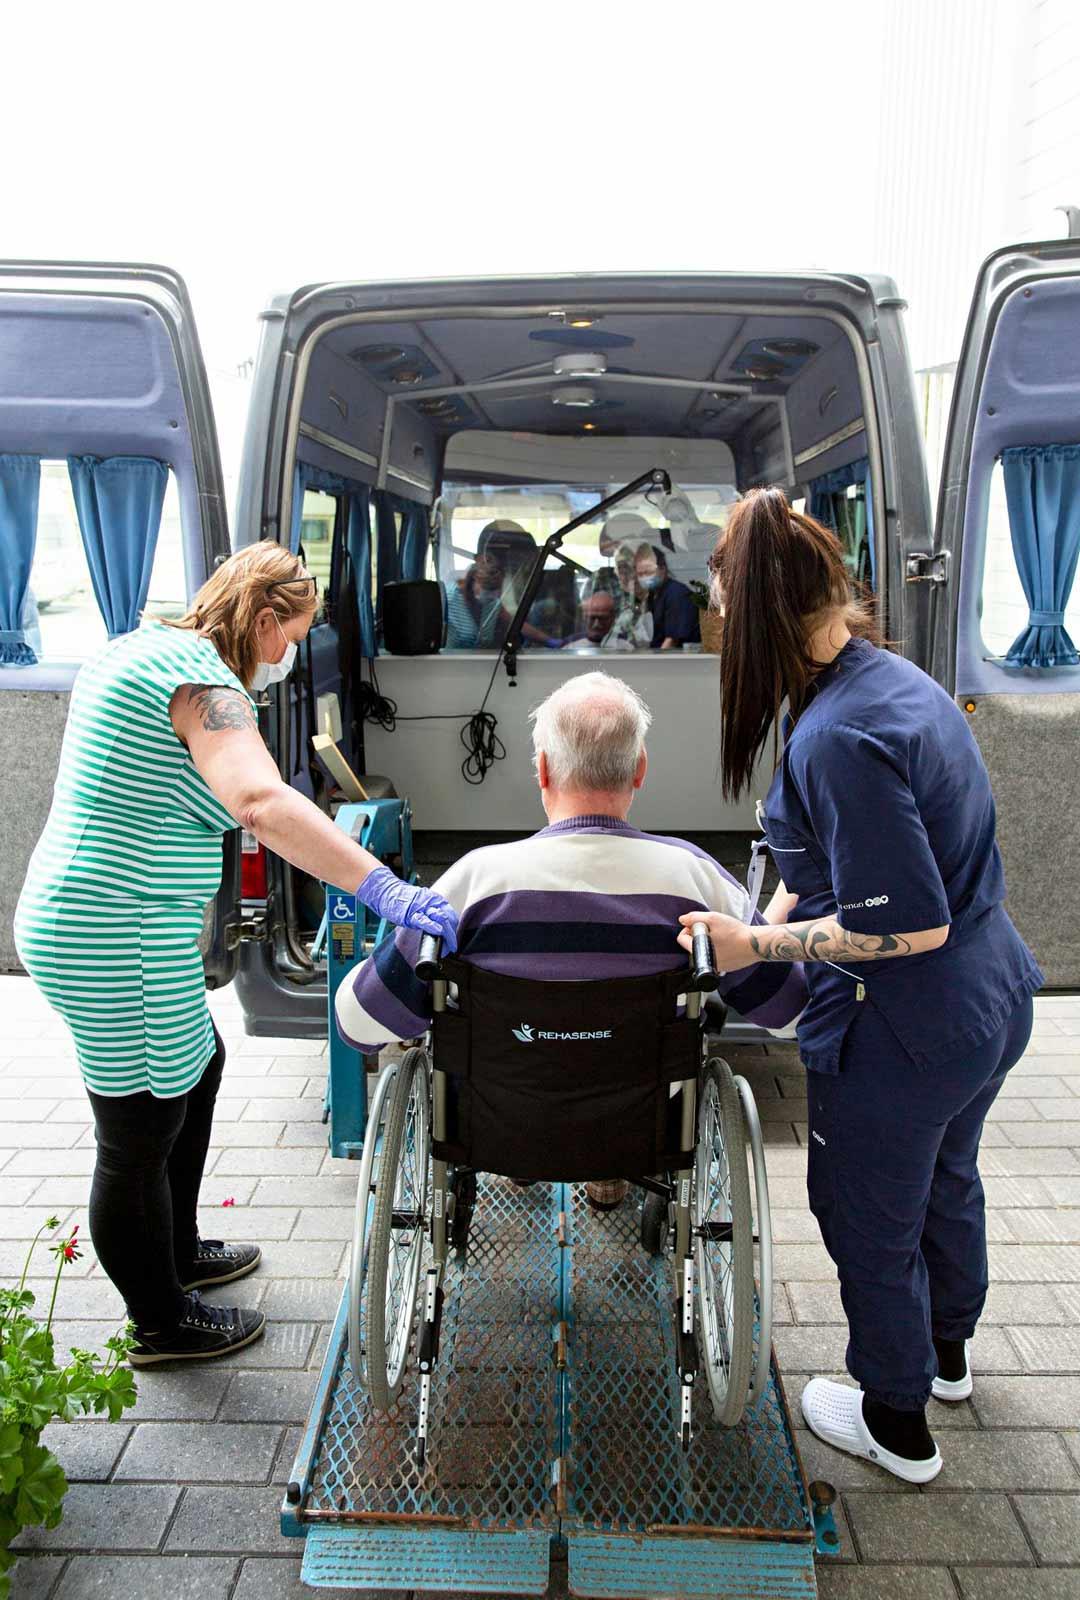 Turvallisuus on huomioitu tapaamisbussisa monella tavalla. Tapaajat tulevat sisään bussiin eri ovista, asukas aina pyörätuolissa avustajan saattamana ja läheinen sivuovesta. Turvallisuuden takaamiseksi bussiin on asennettu niin hissi, väliseinä ja ilmastointi.